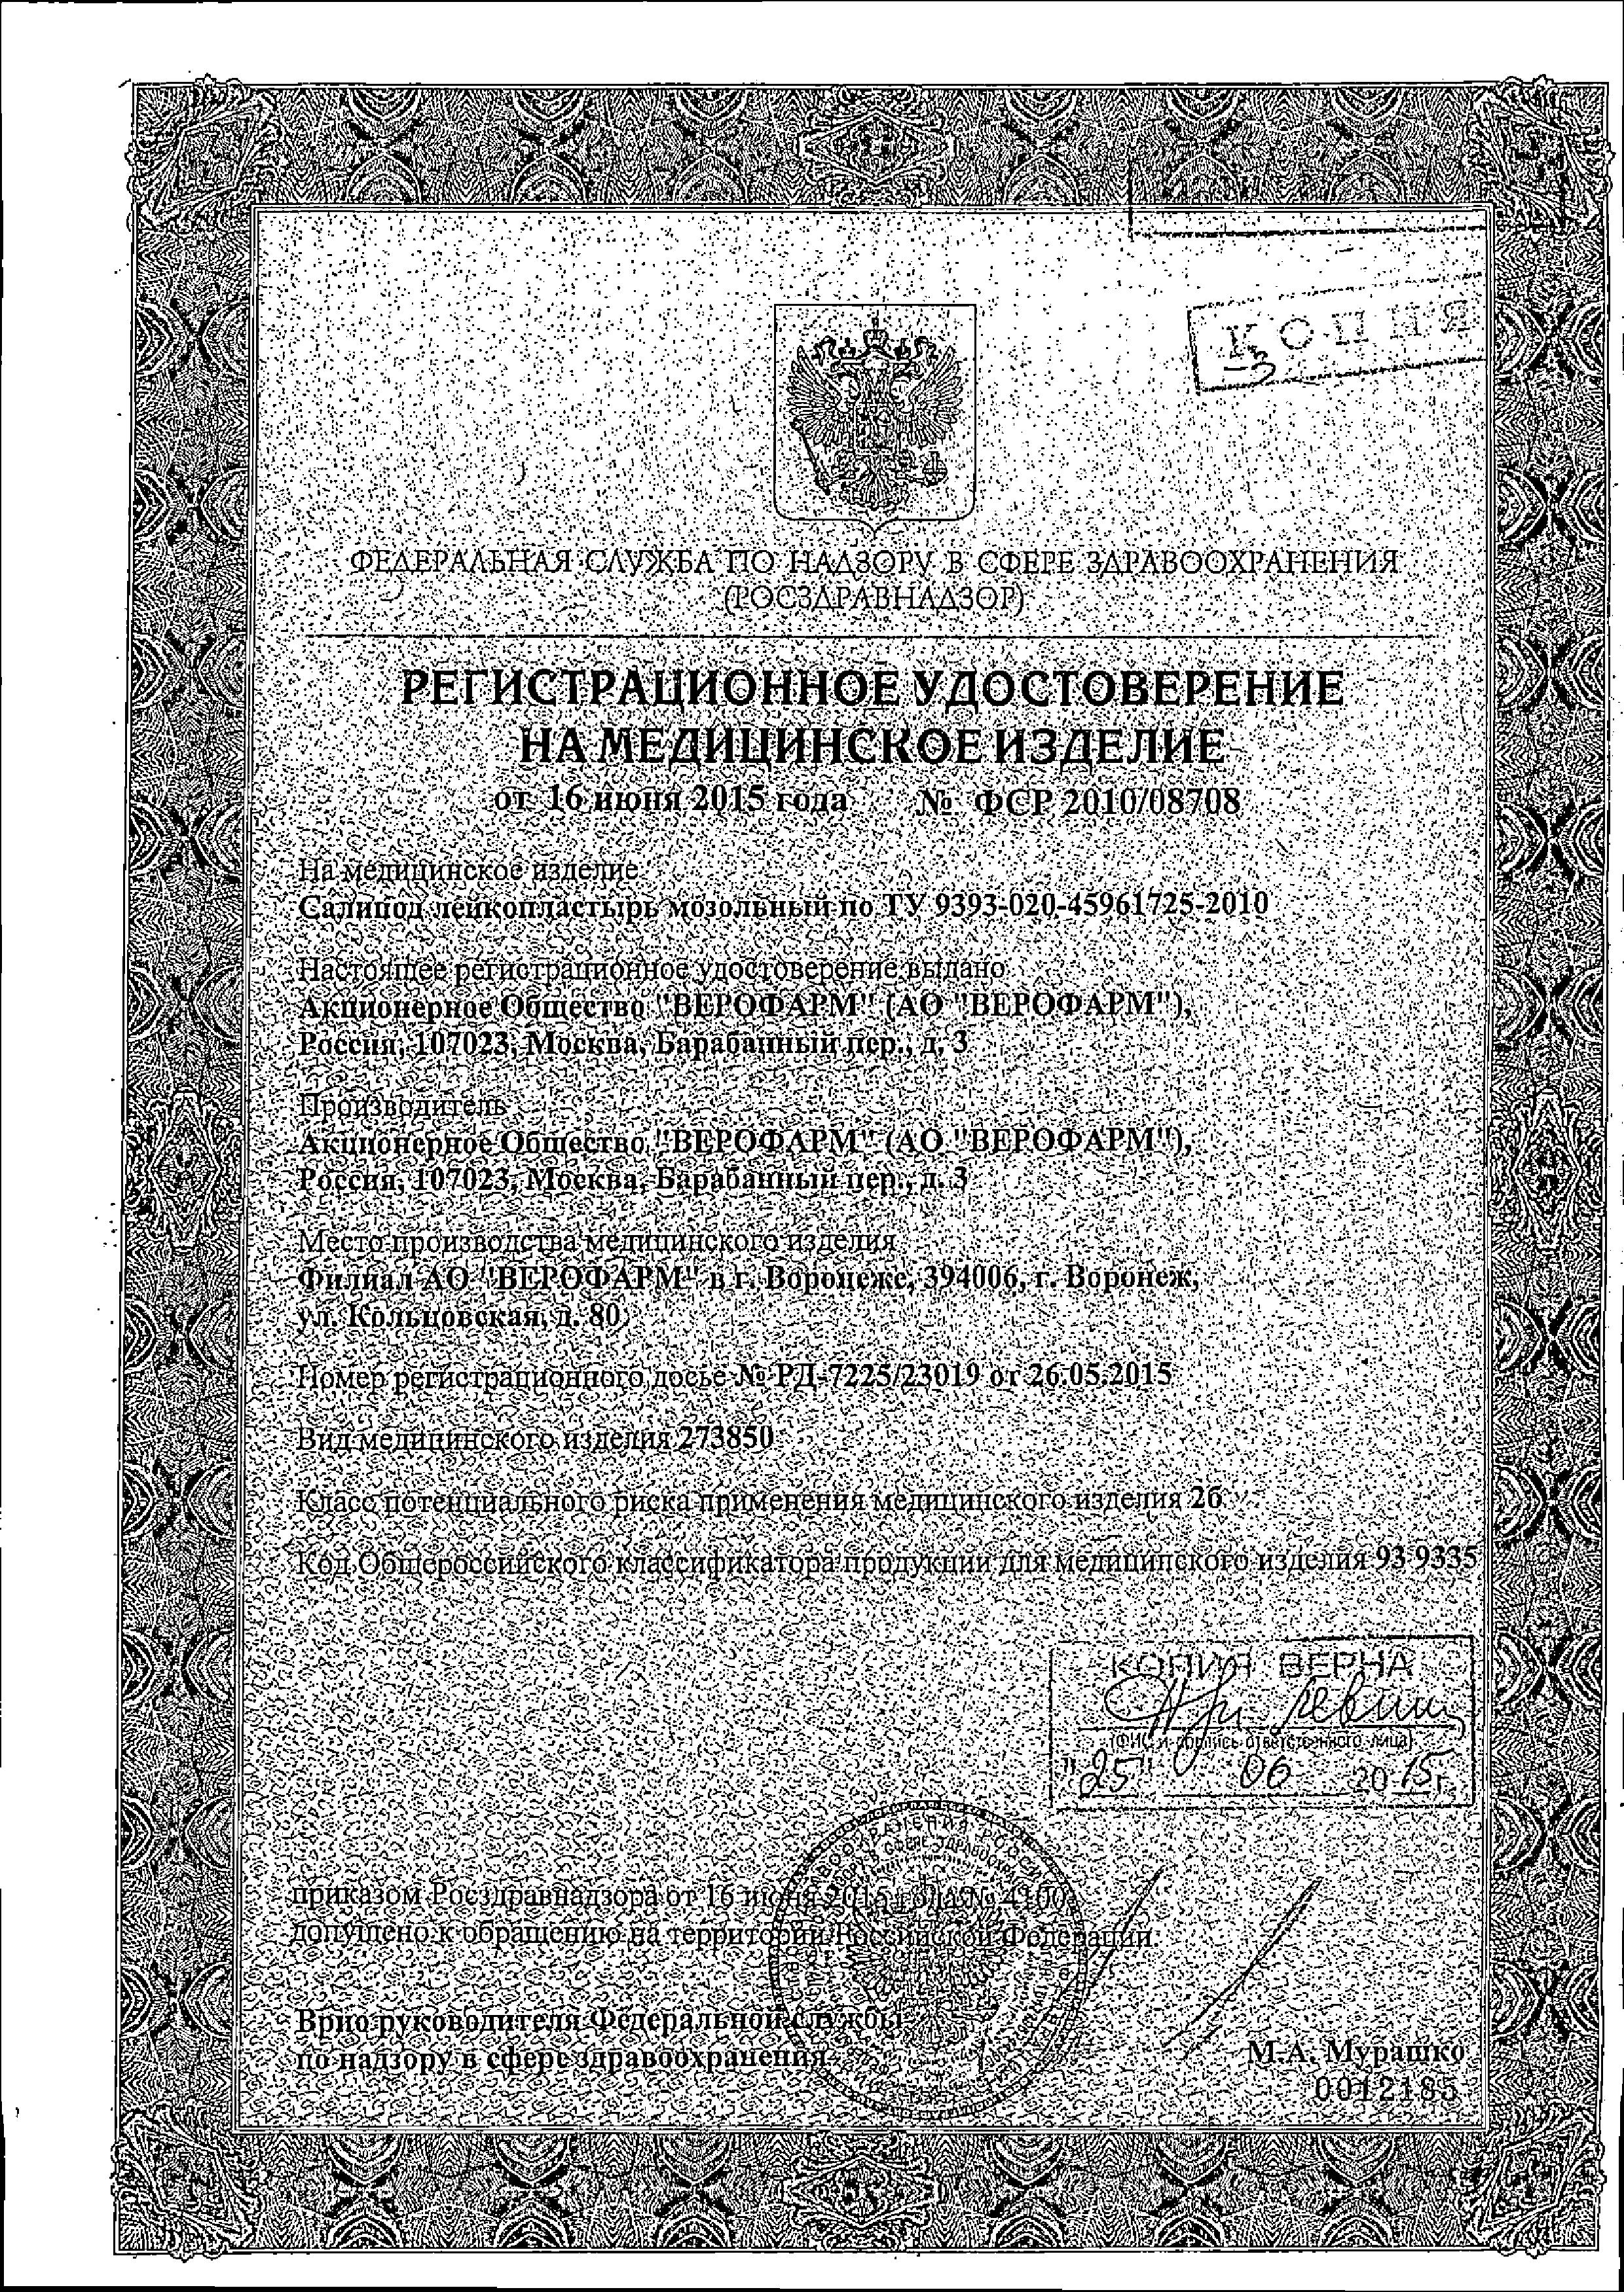 Салипод лейкопластырь мозольный сертификат